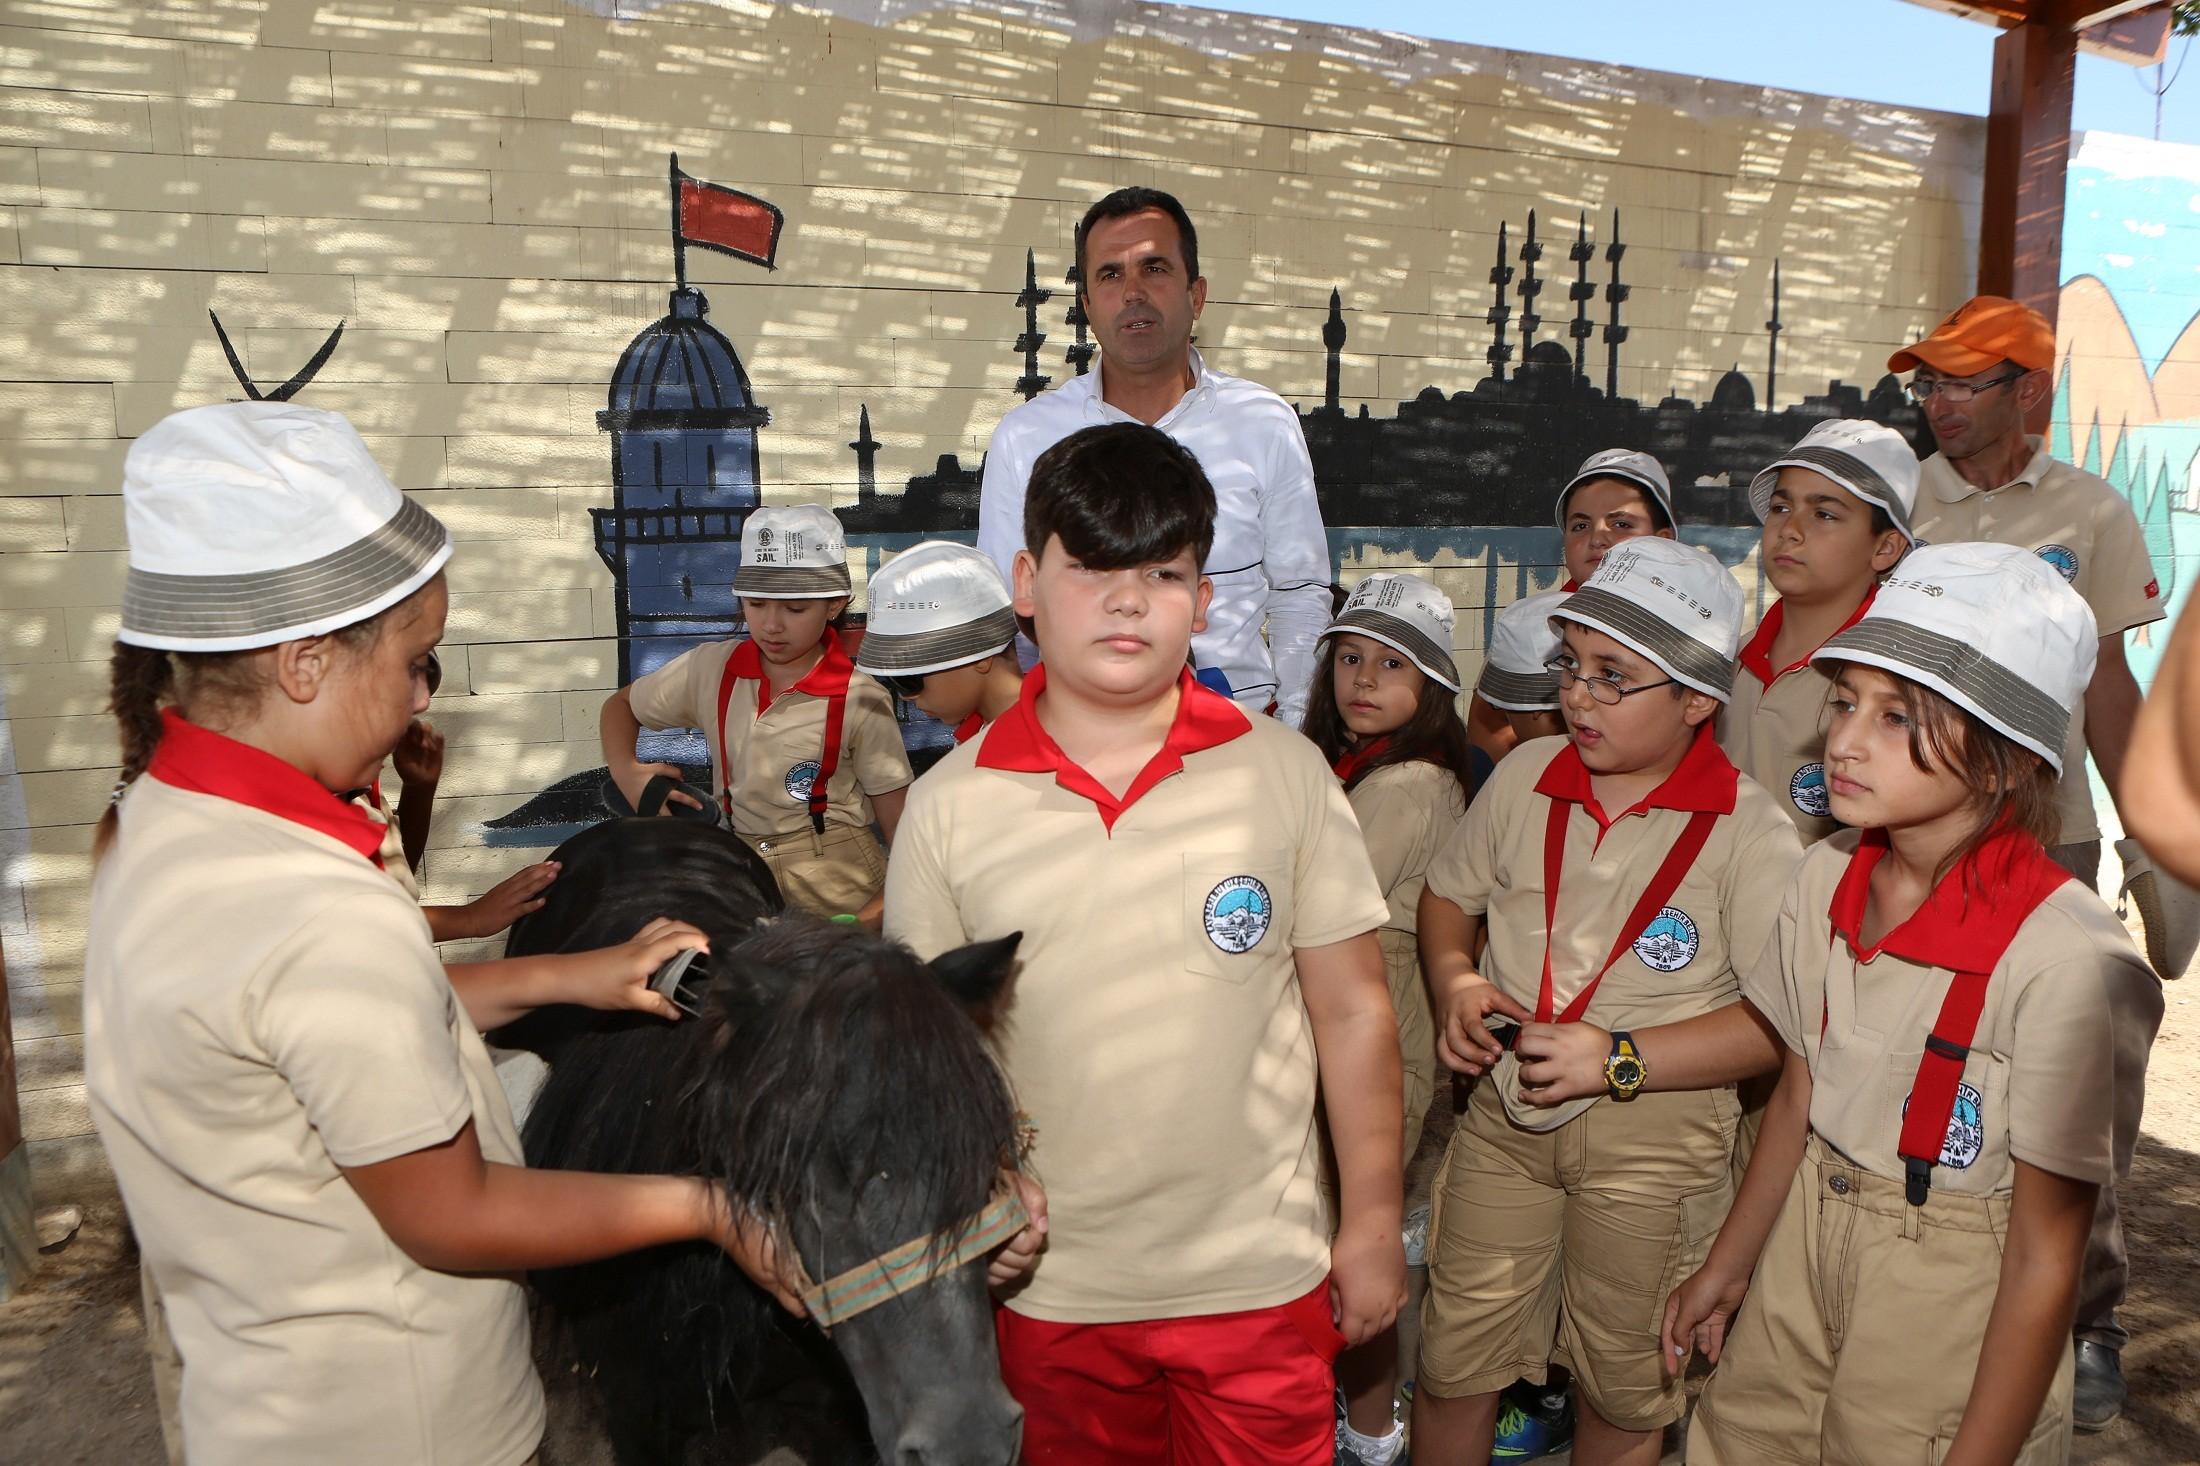 Kayseri Büyükşehir Belediyesi'nden Bir İlk